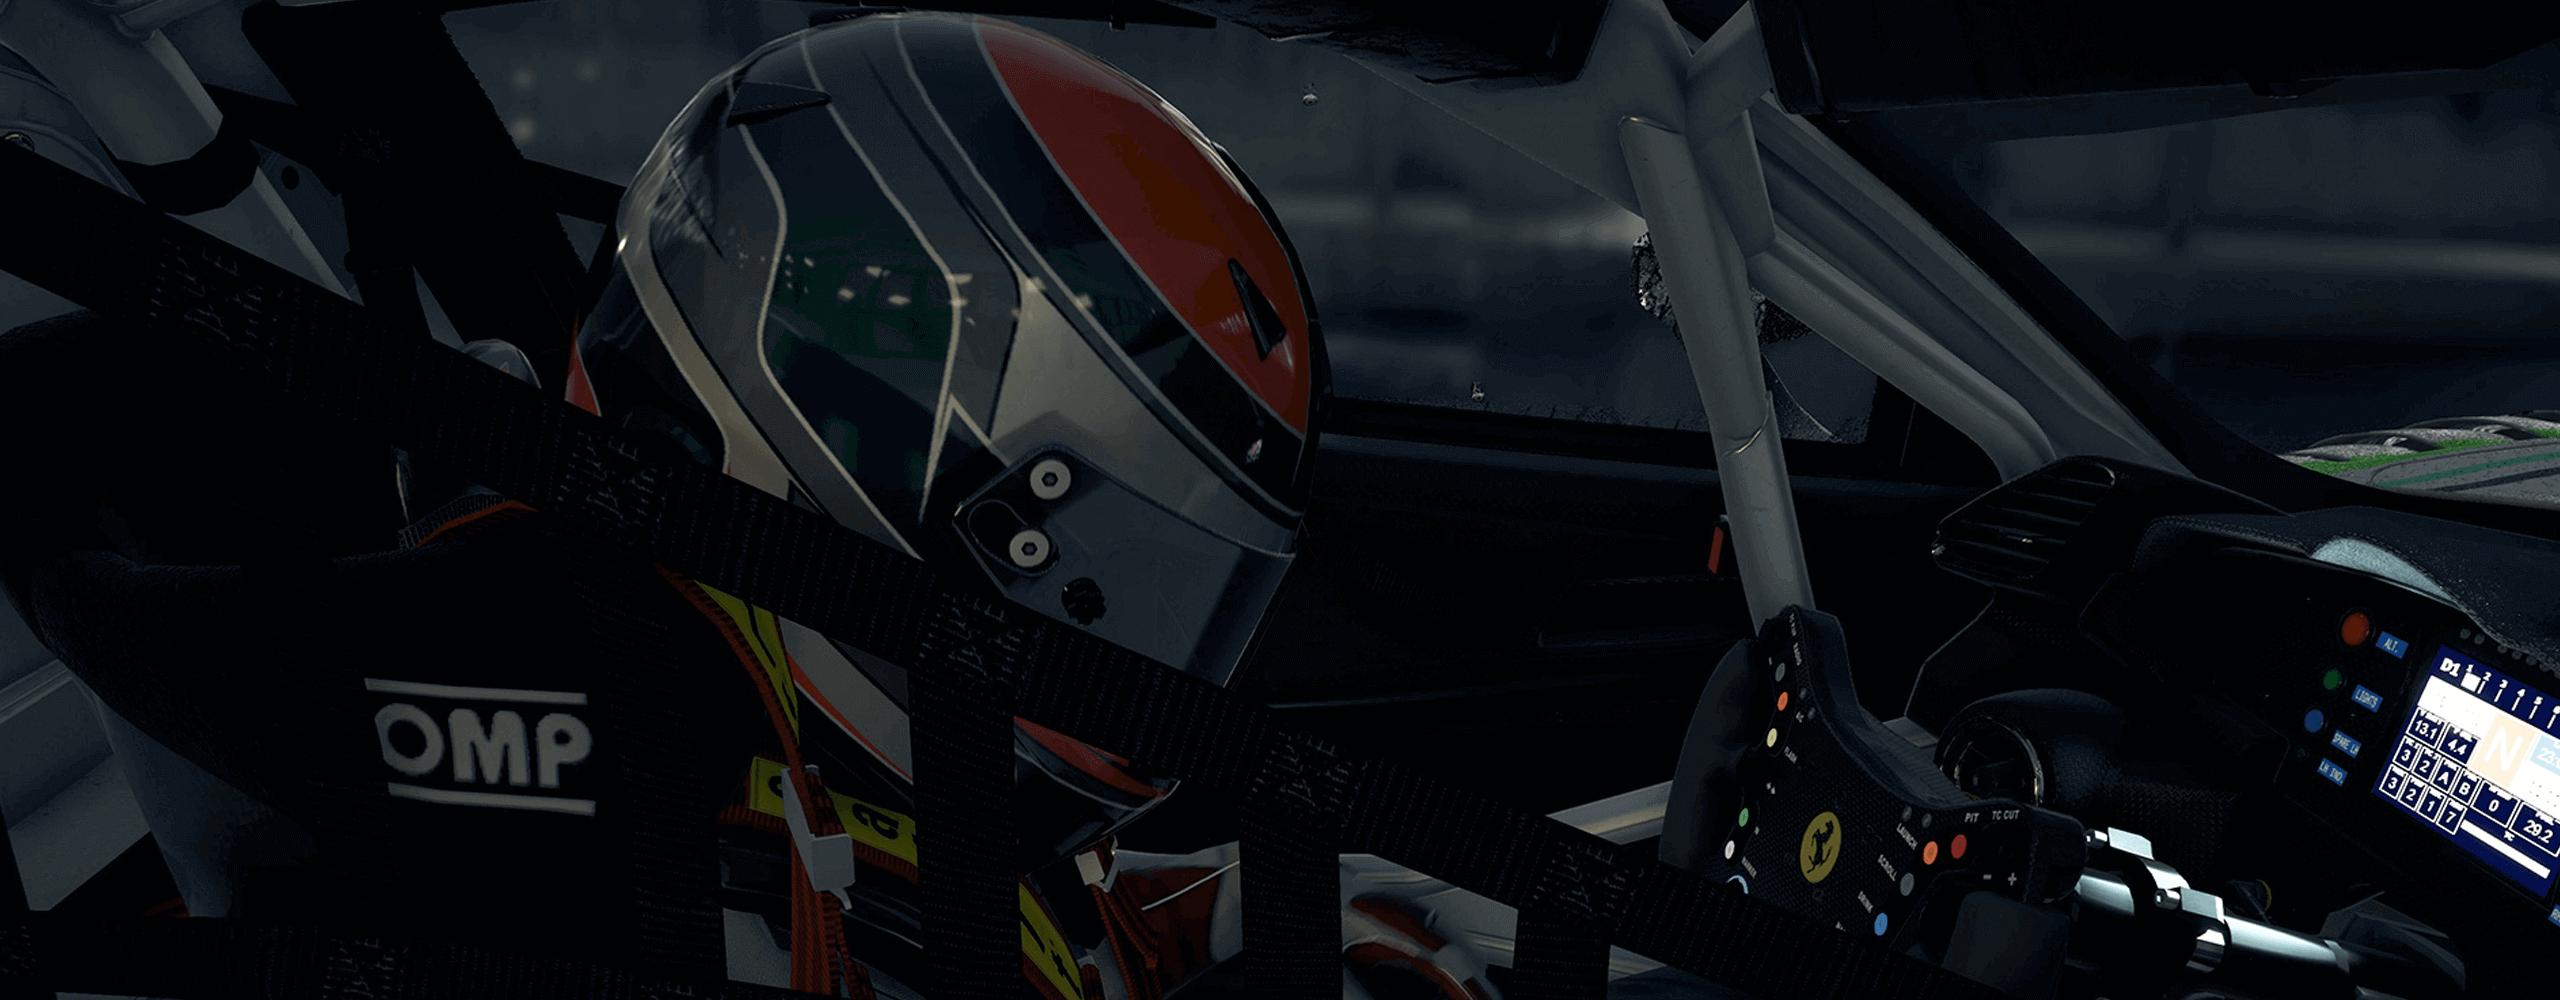 Assetto Corsa Competizione – Community FAQ Blog | 505 Games